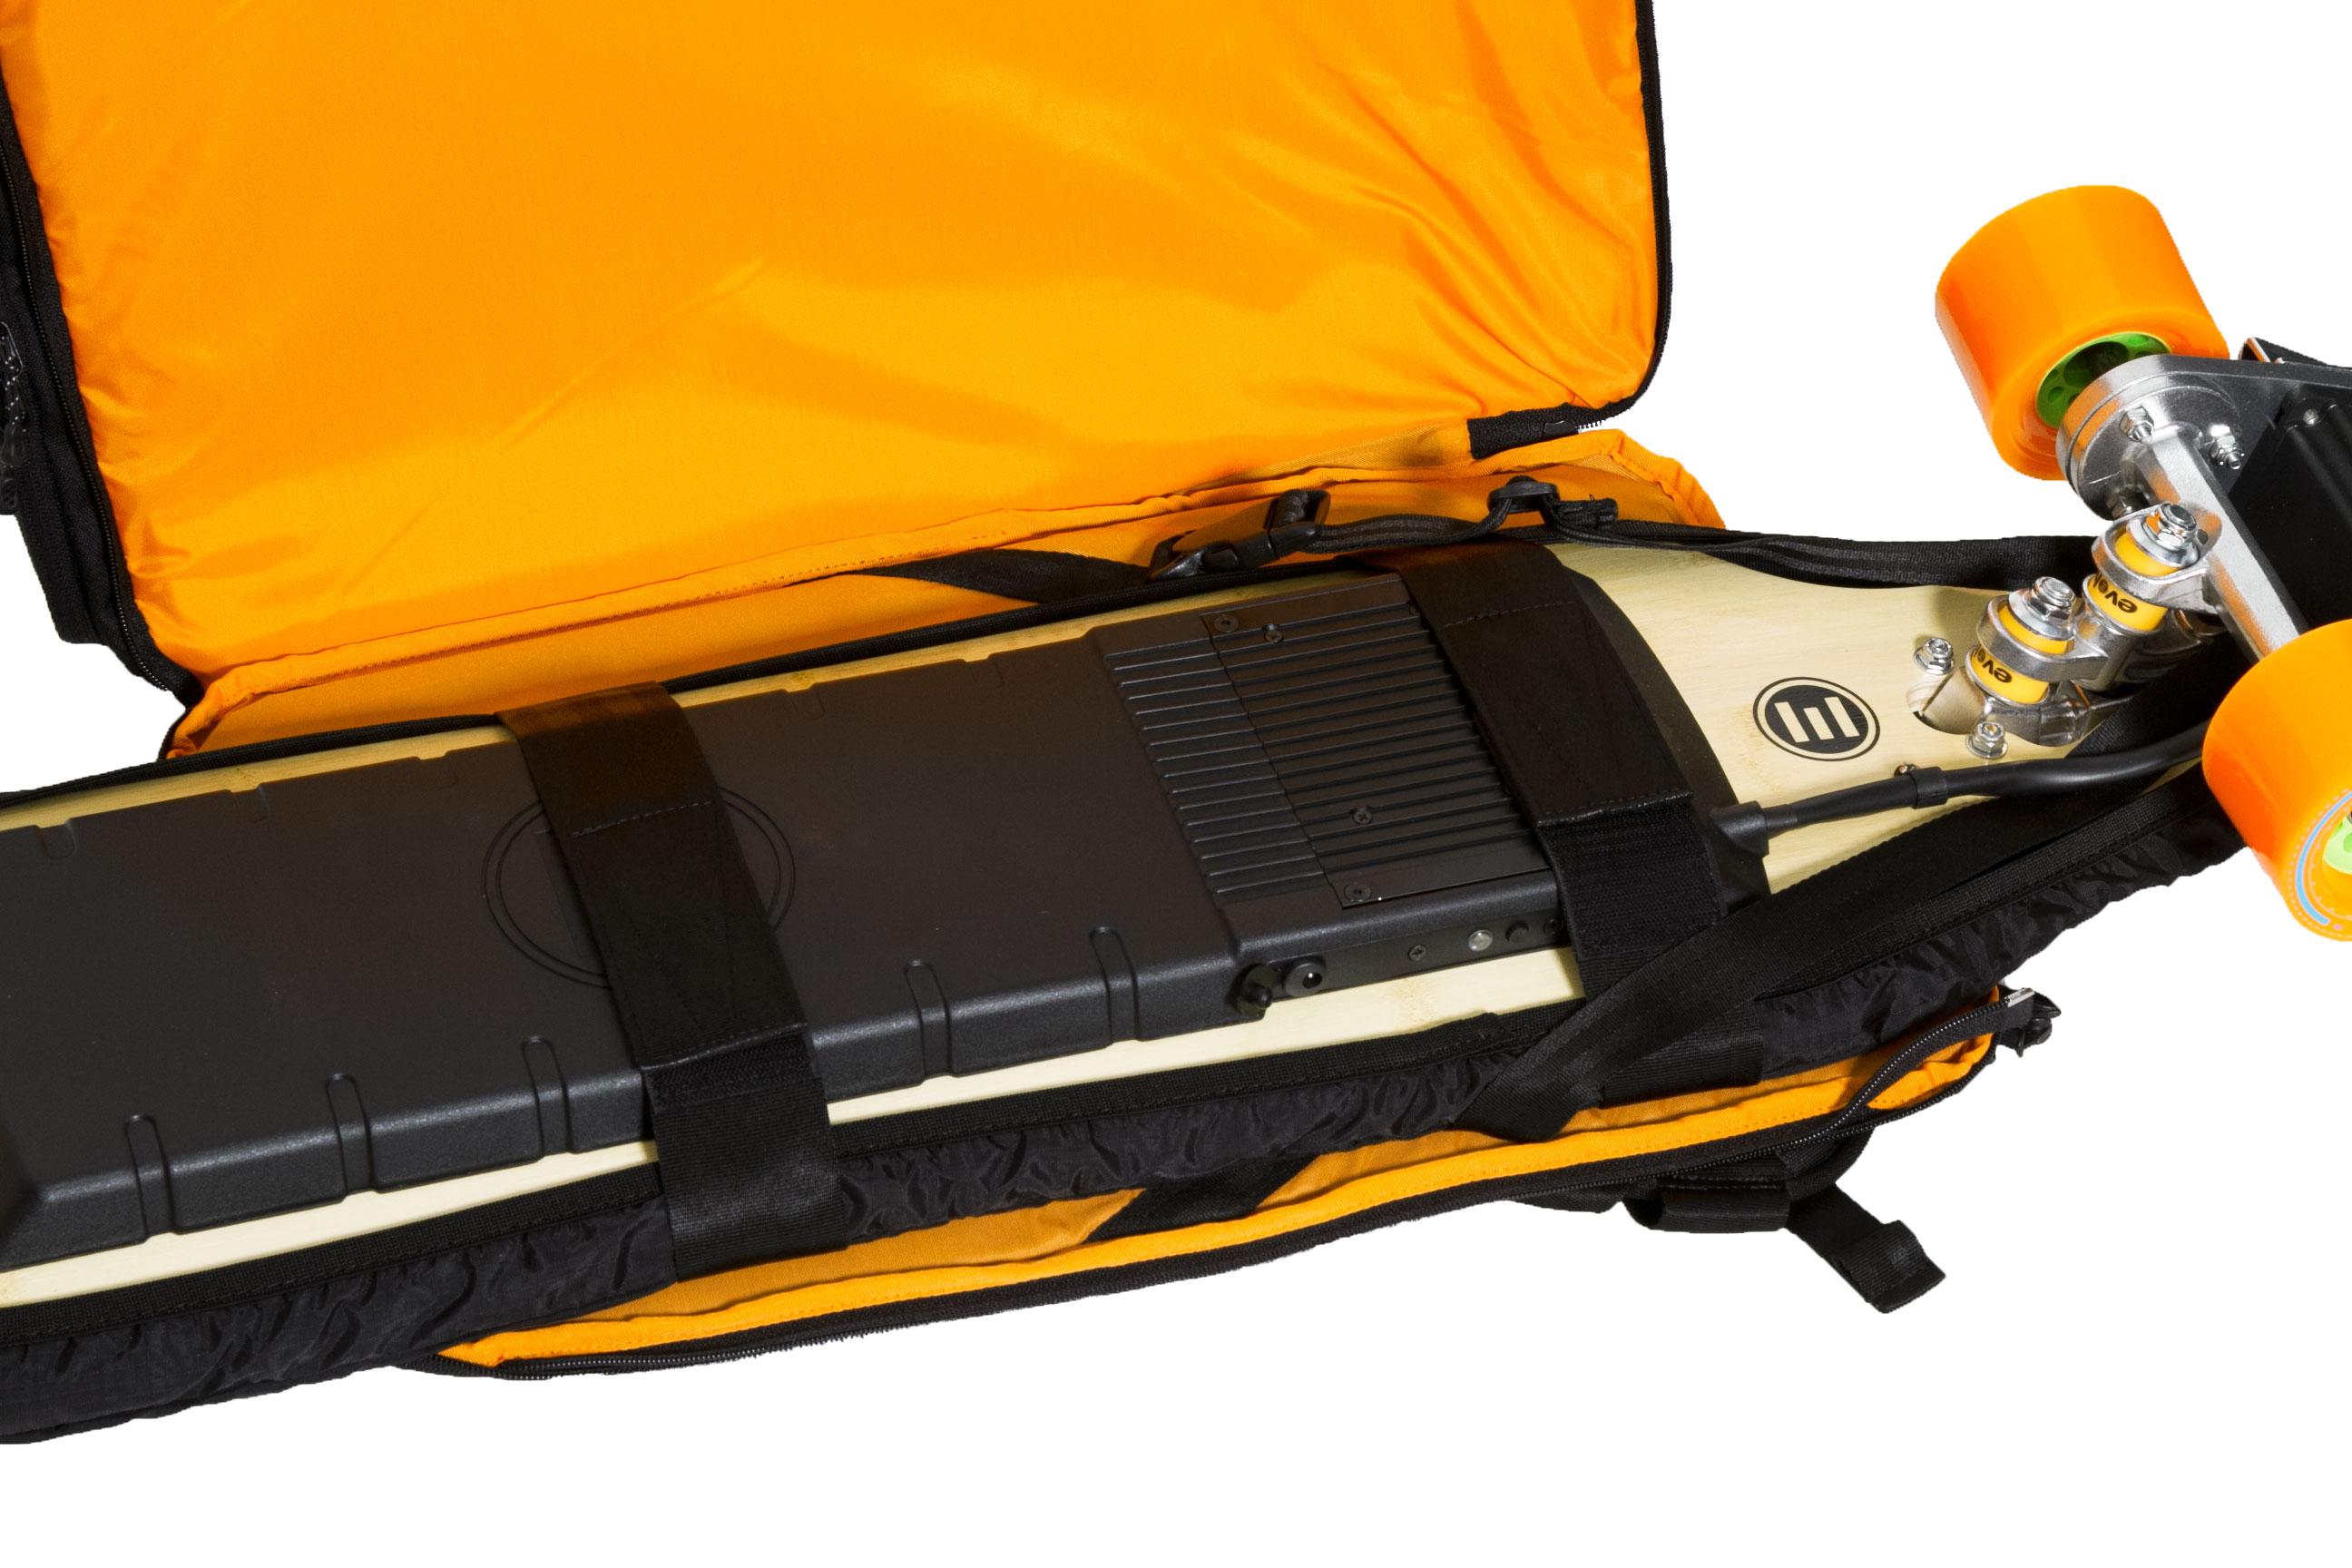 evolve backpack v2 evolve elektro skateboards shop. Black Bedroom Furniture Sets. Home Design Ideas